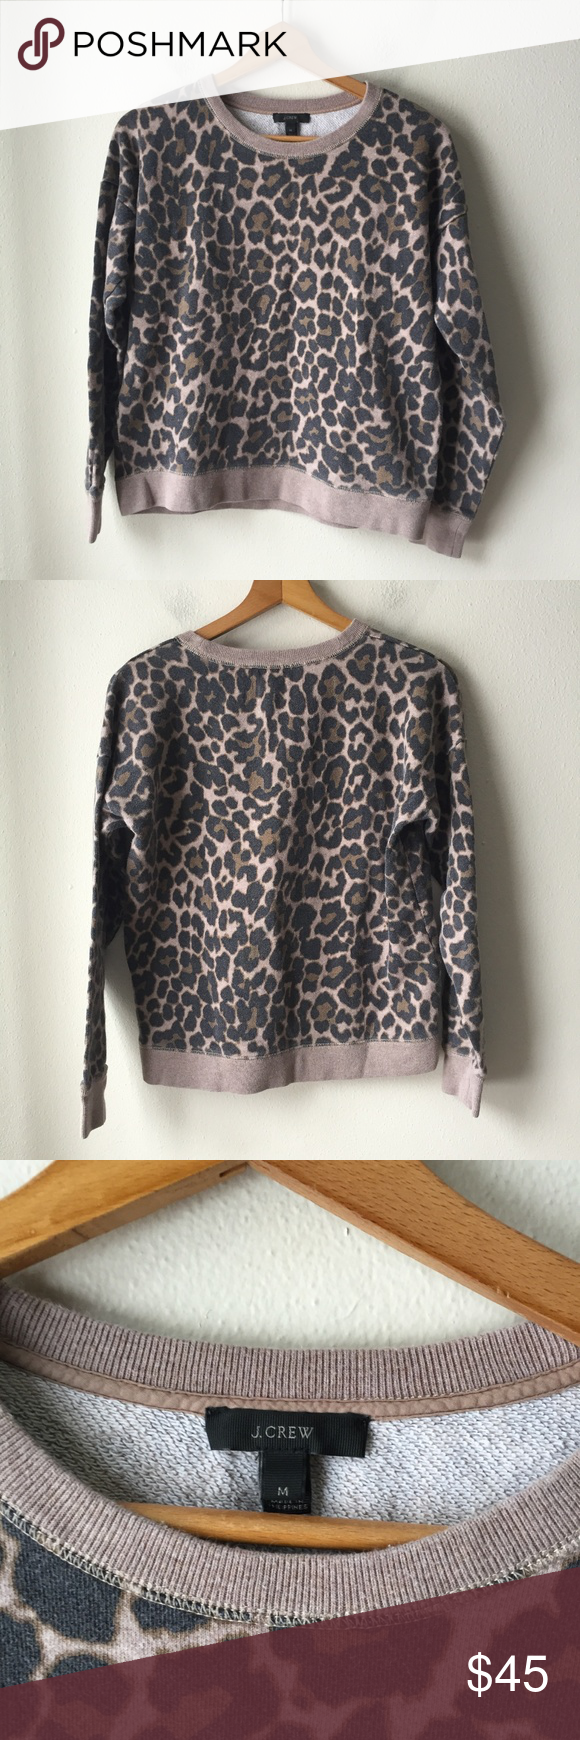 J Crew Crewneck Sweatshirt In Leopard Print Crew Neck Sweatshirt Leopard Print Sweatshirts [ 1740 x 580 Pixel ]